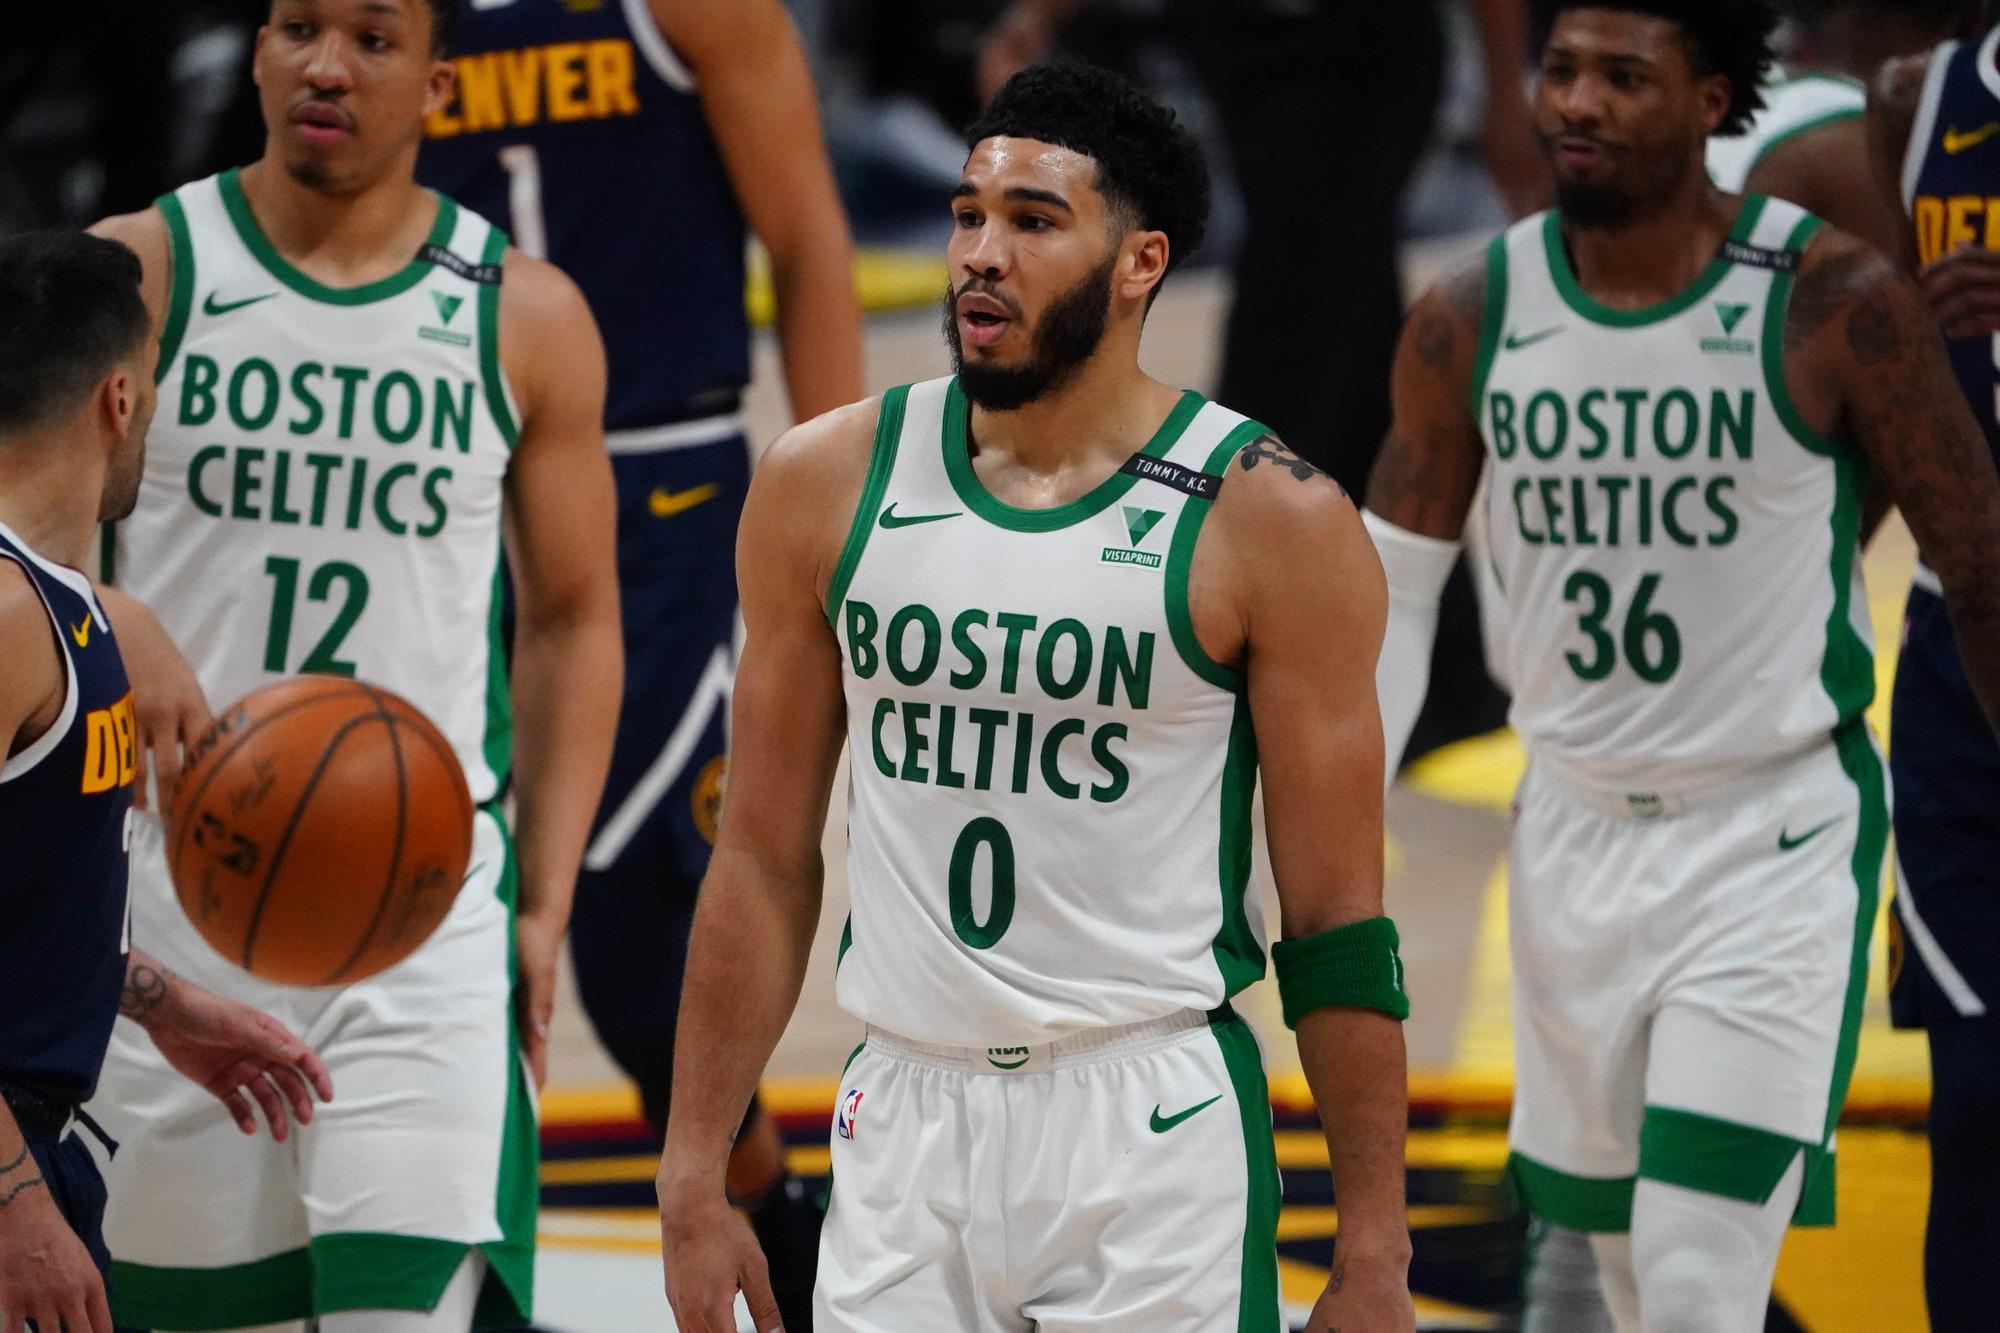 Ngỡ ngàng trước thân phận vị hôn phu của tân HLV trưởng Boston Celtics - Ảnh 9.